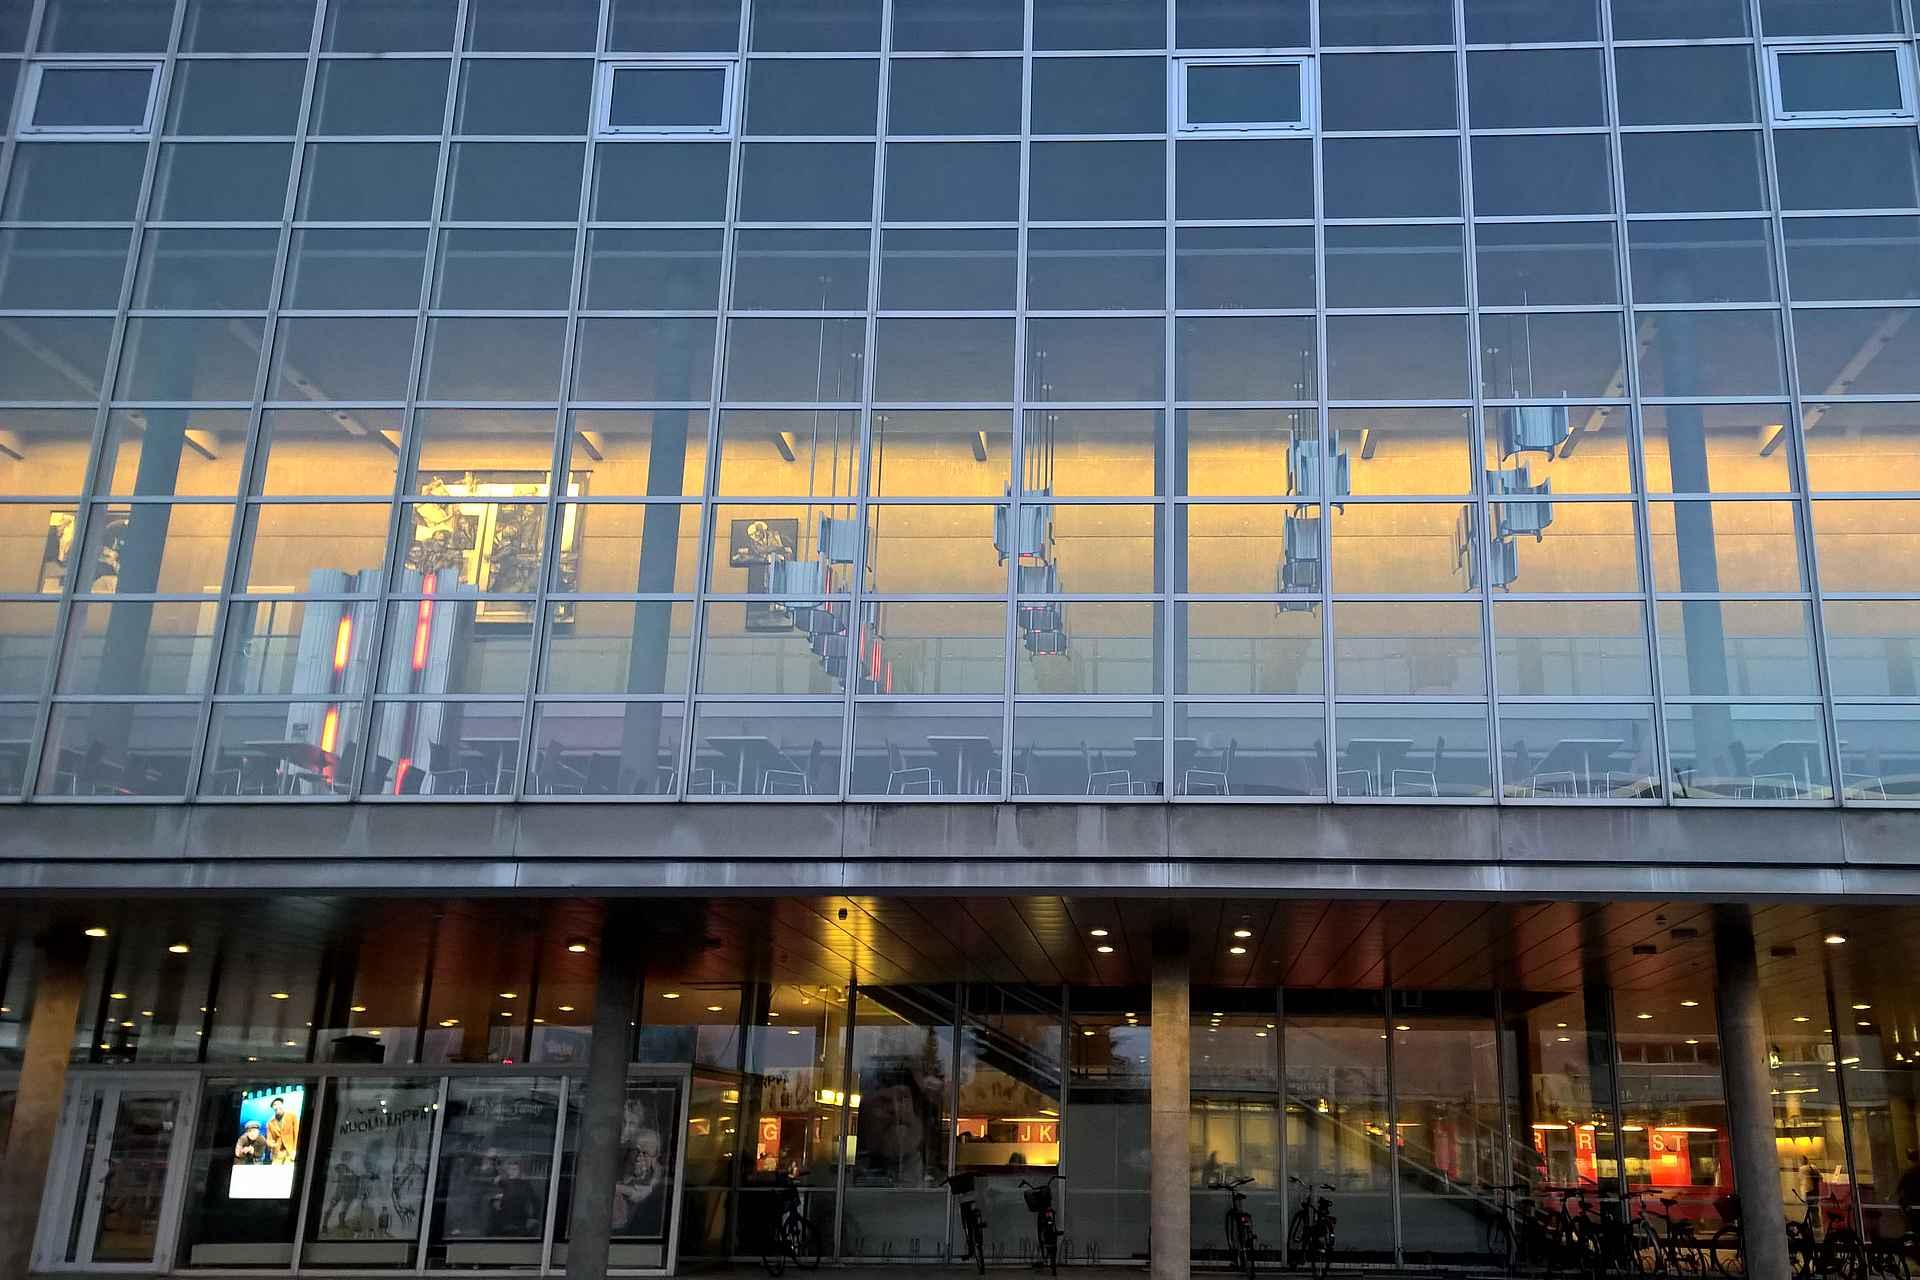 Oulun Kaupunginteatterin rakennus on yksi Suomen upeimpia arkkitehtuurisia helmiä.